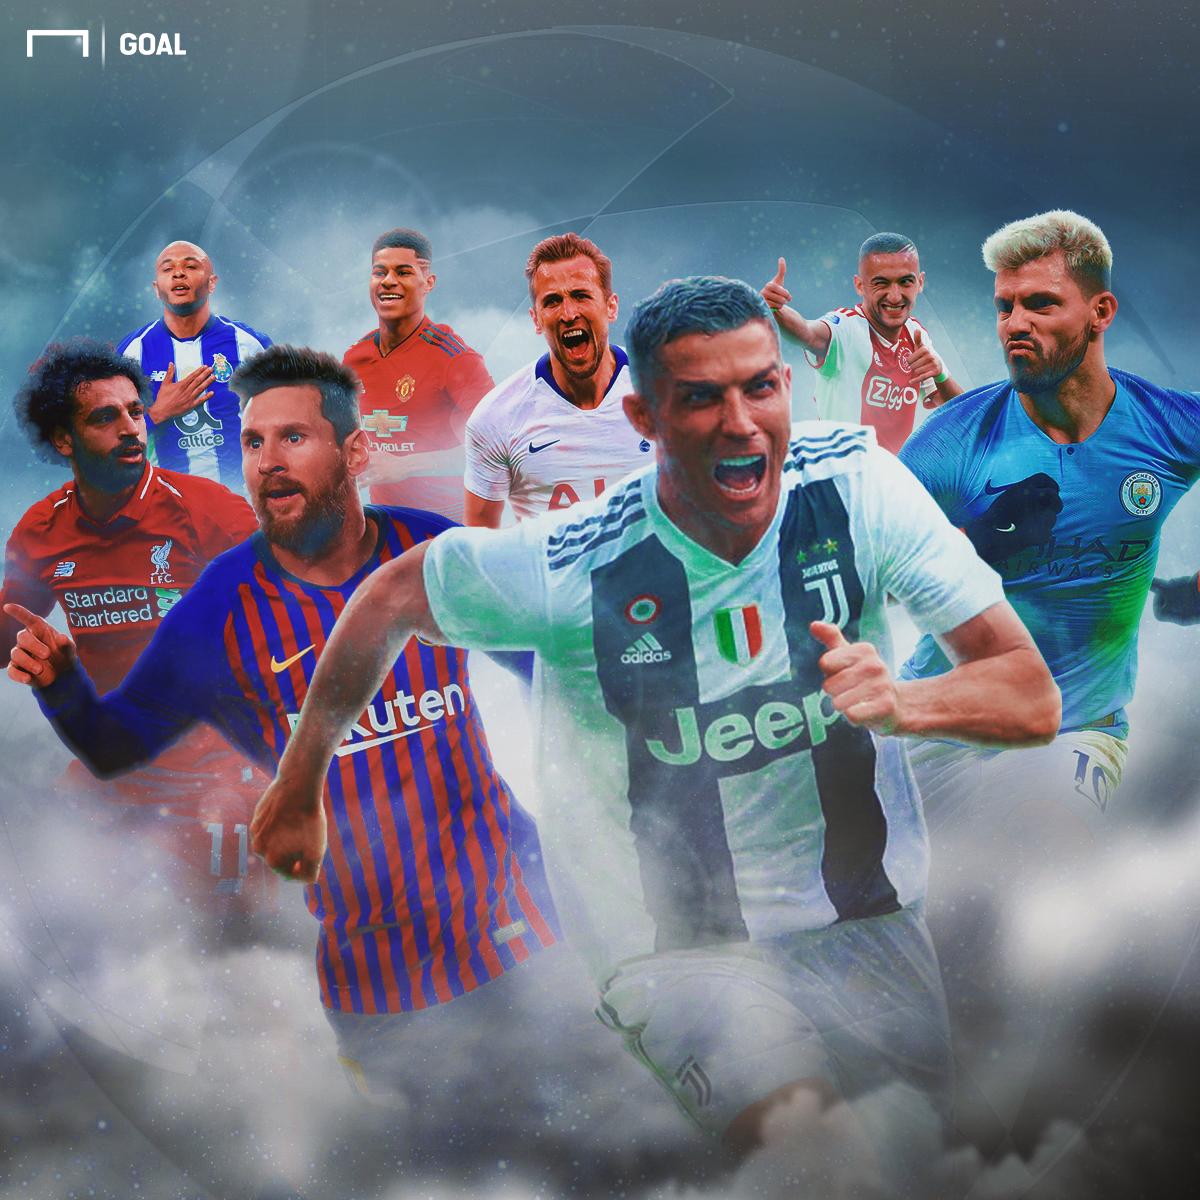 Juve và Barca sẽ hai ứng cử viên vô địch Champions League 2018/19